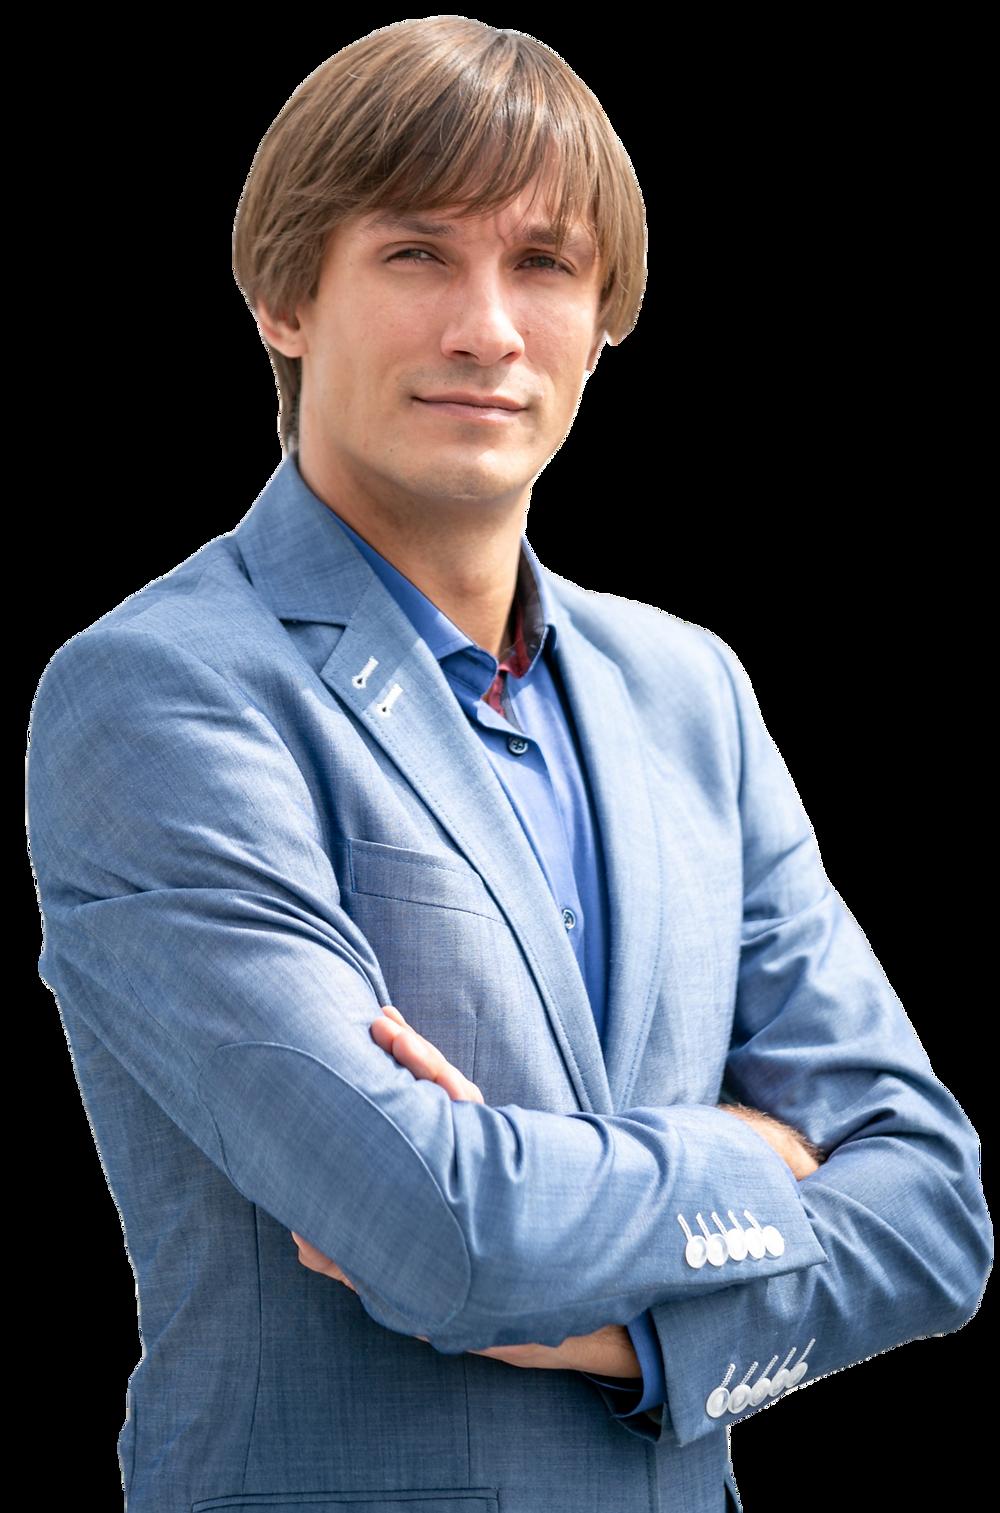 Evgeniy Aleksandrenko, Digital Transformation Officer at JEVERA